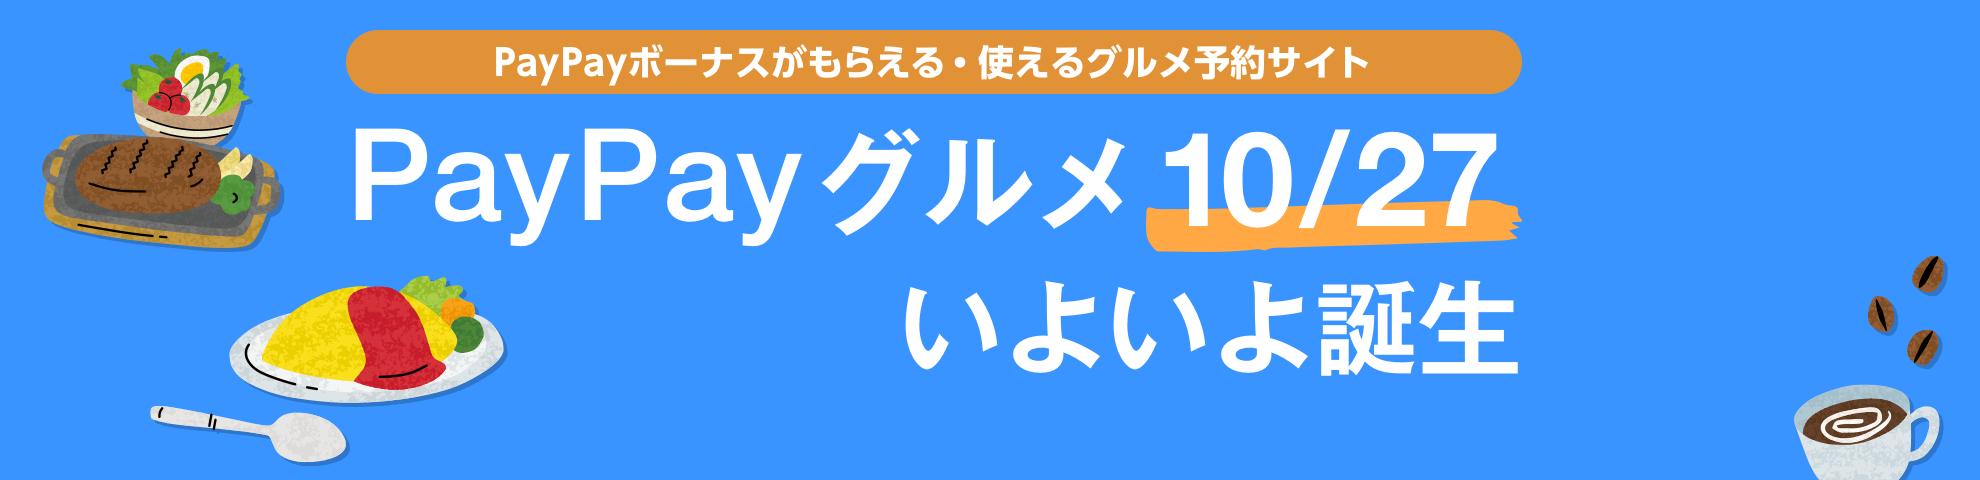 10/27日いよいよ誕生